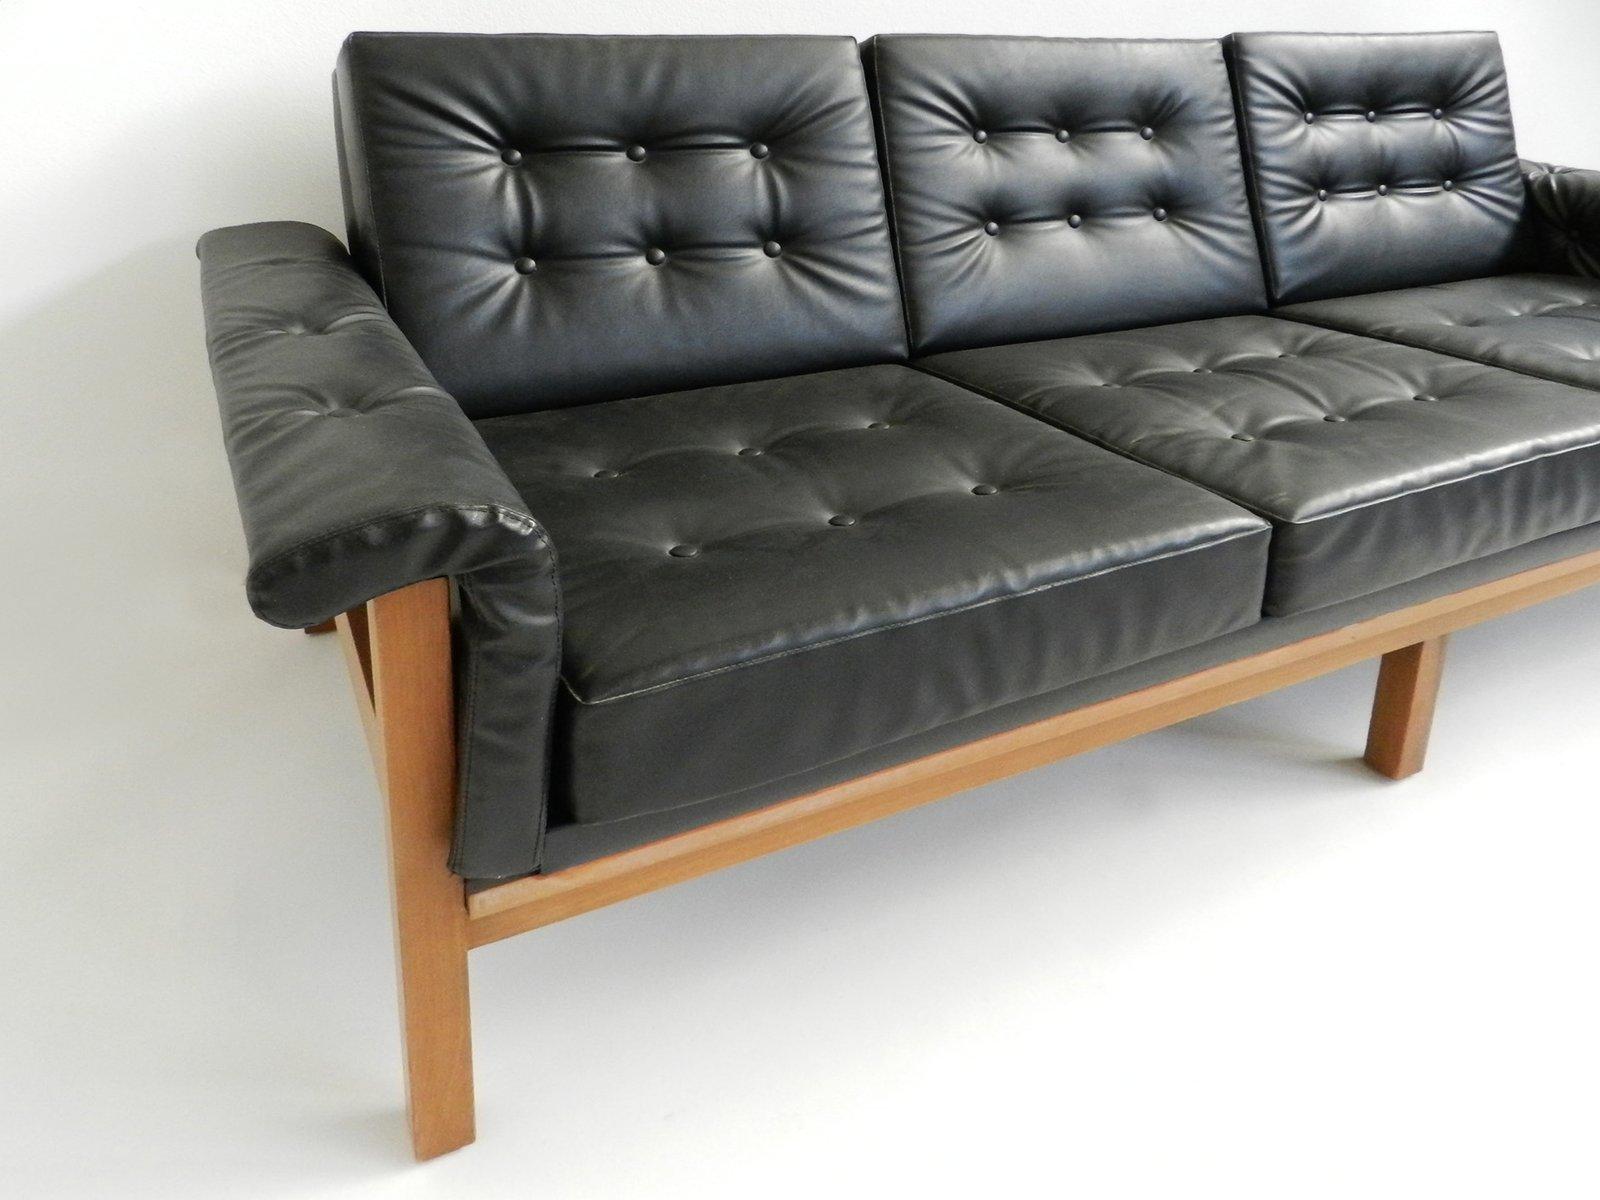 canap trois places mid century en ska noir danemark en vente sur pamono. Black Bedroom Furniture Sets. Home Design Ideas